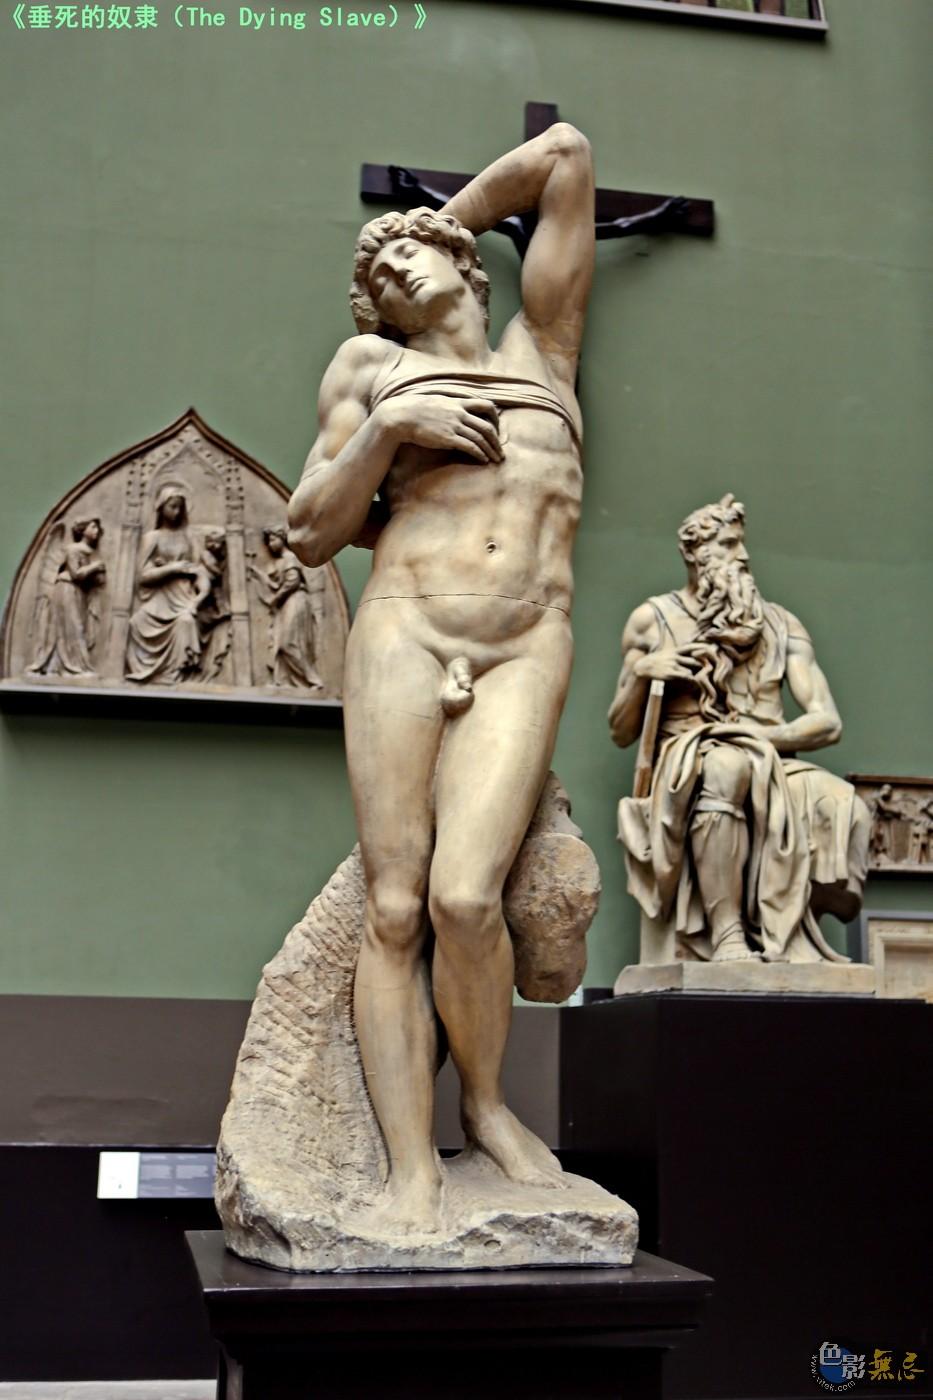 米开朗基罗雕刻的摩西雕像和奴隶雕像都是为教皇尤里